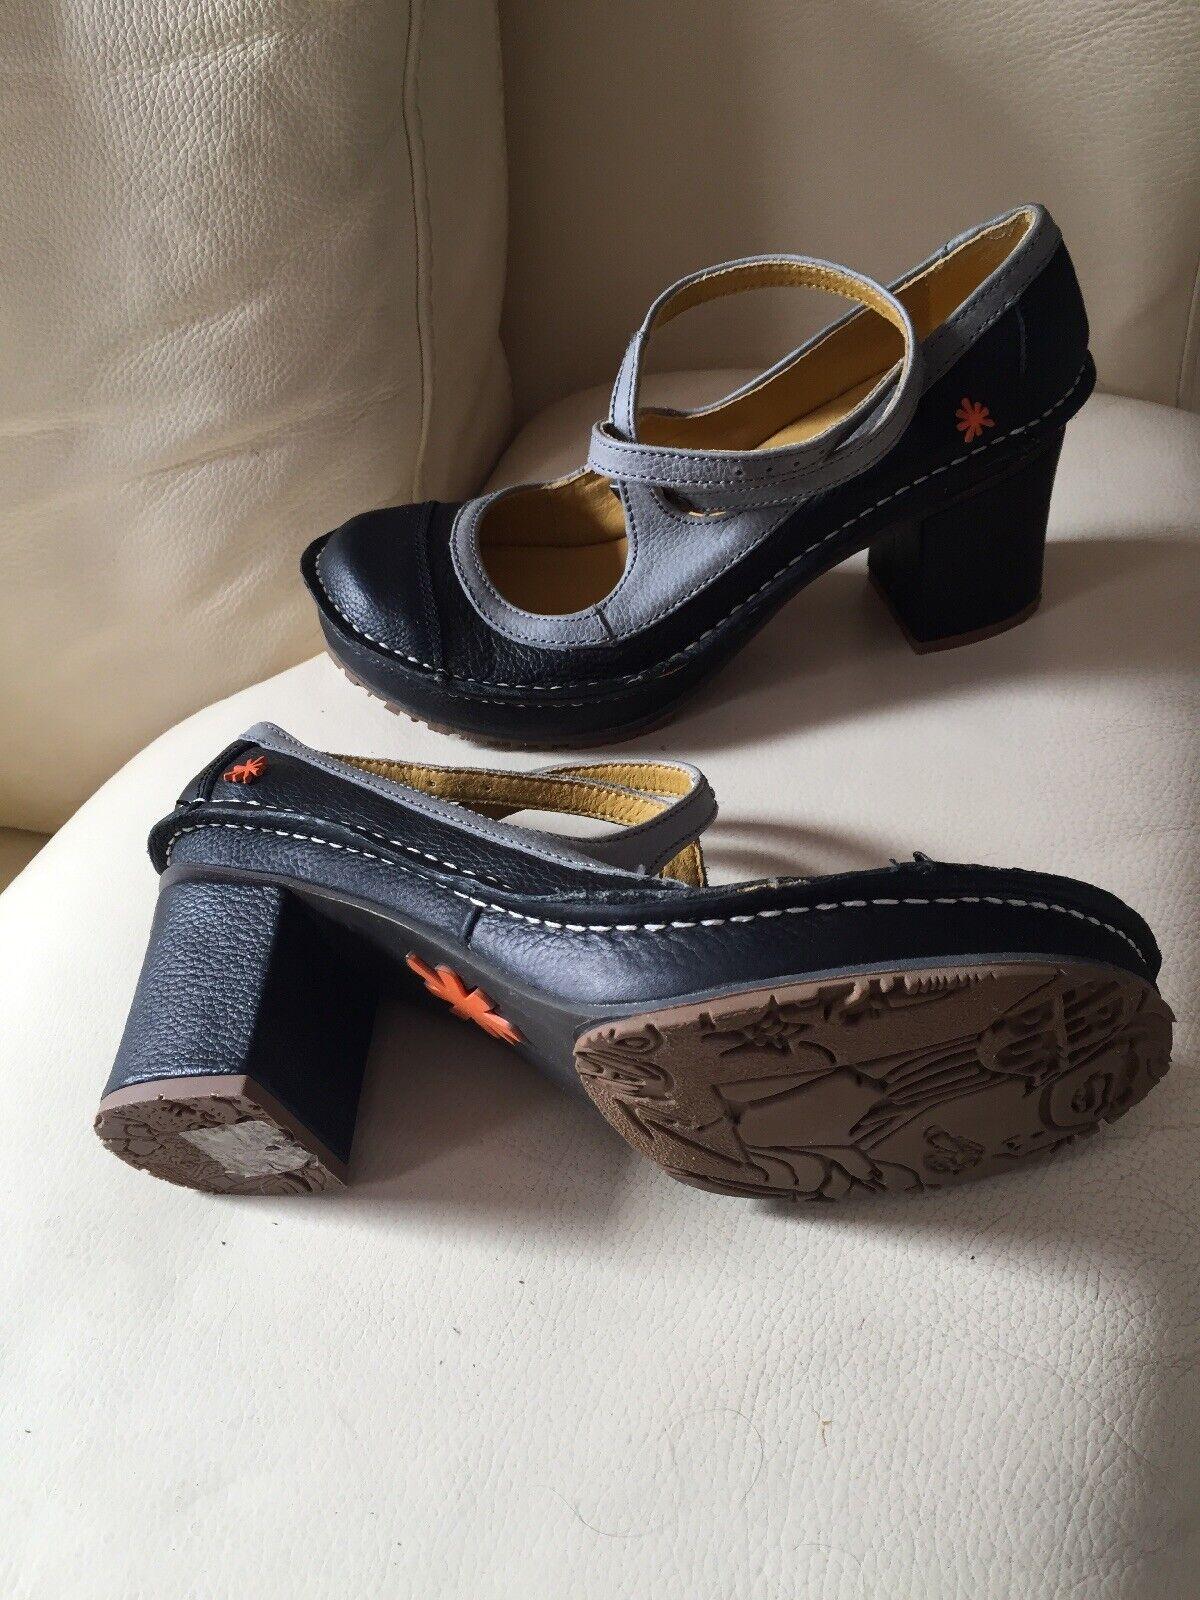 risparmia fino al 70% Tipo di pelle Scarpe da Donna Pumps Mary Janes scarpe scarpe scarpe Lagenlook  Natura  gr.40 NUOVO  negozio online